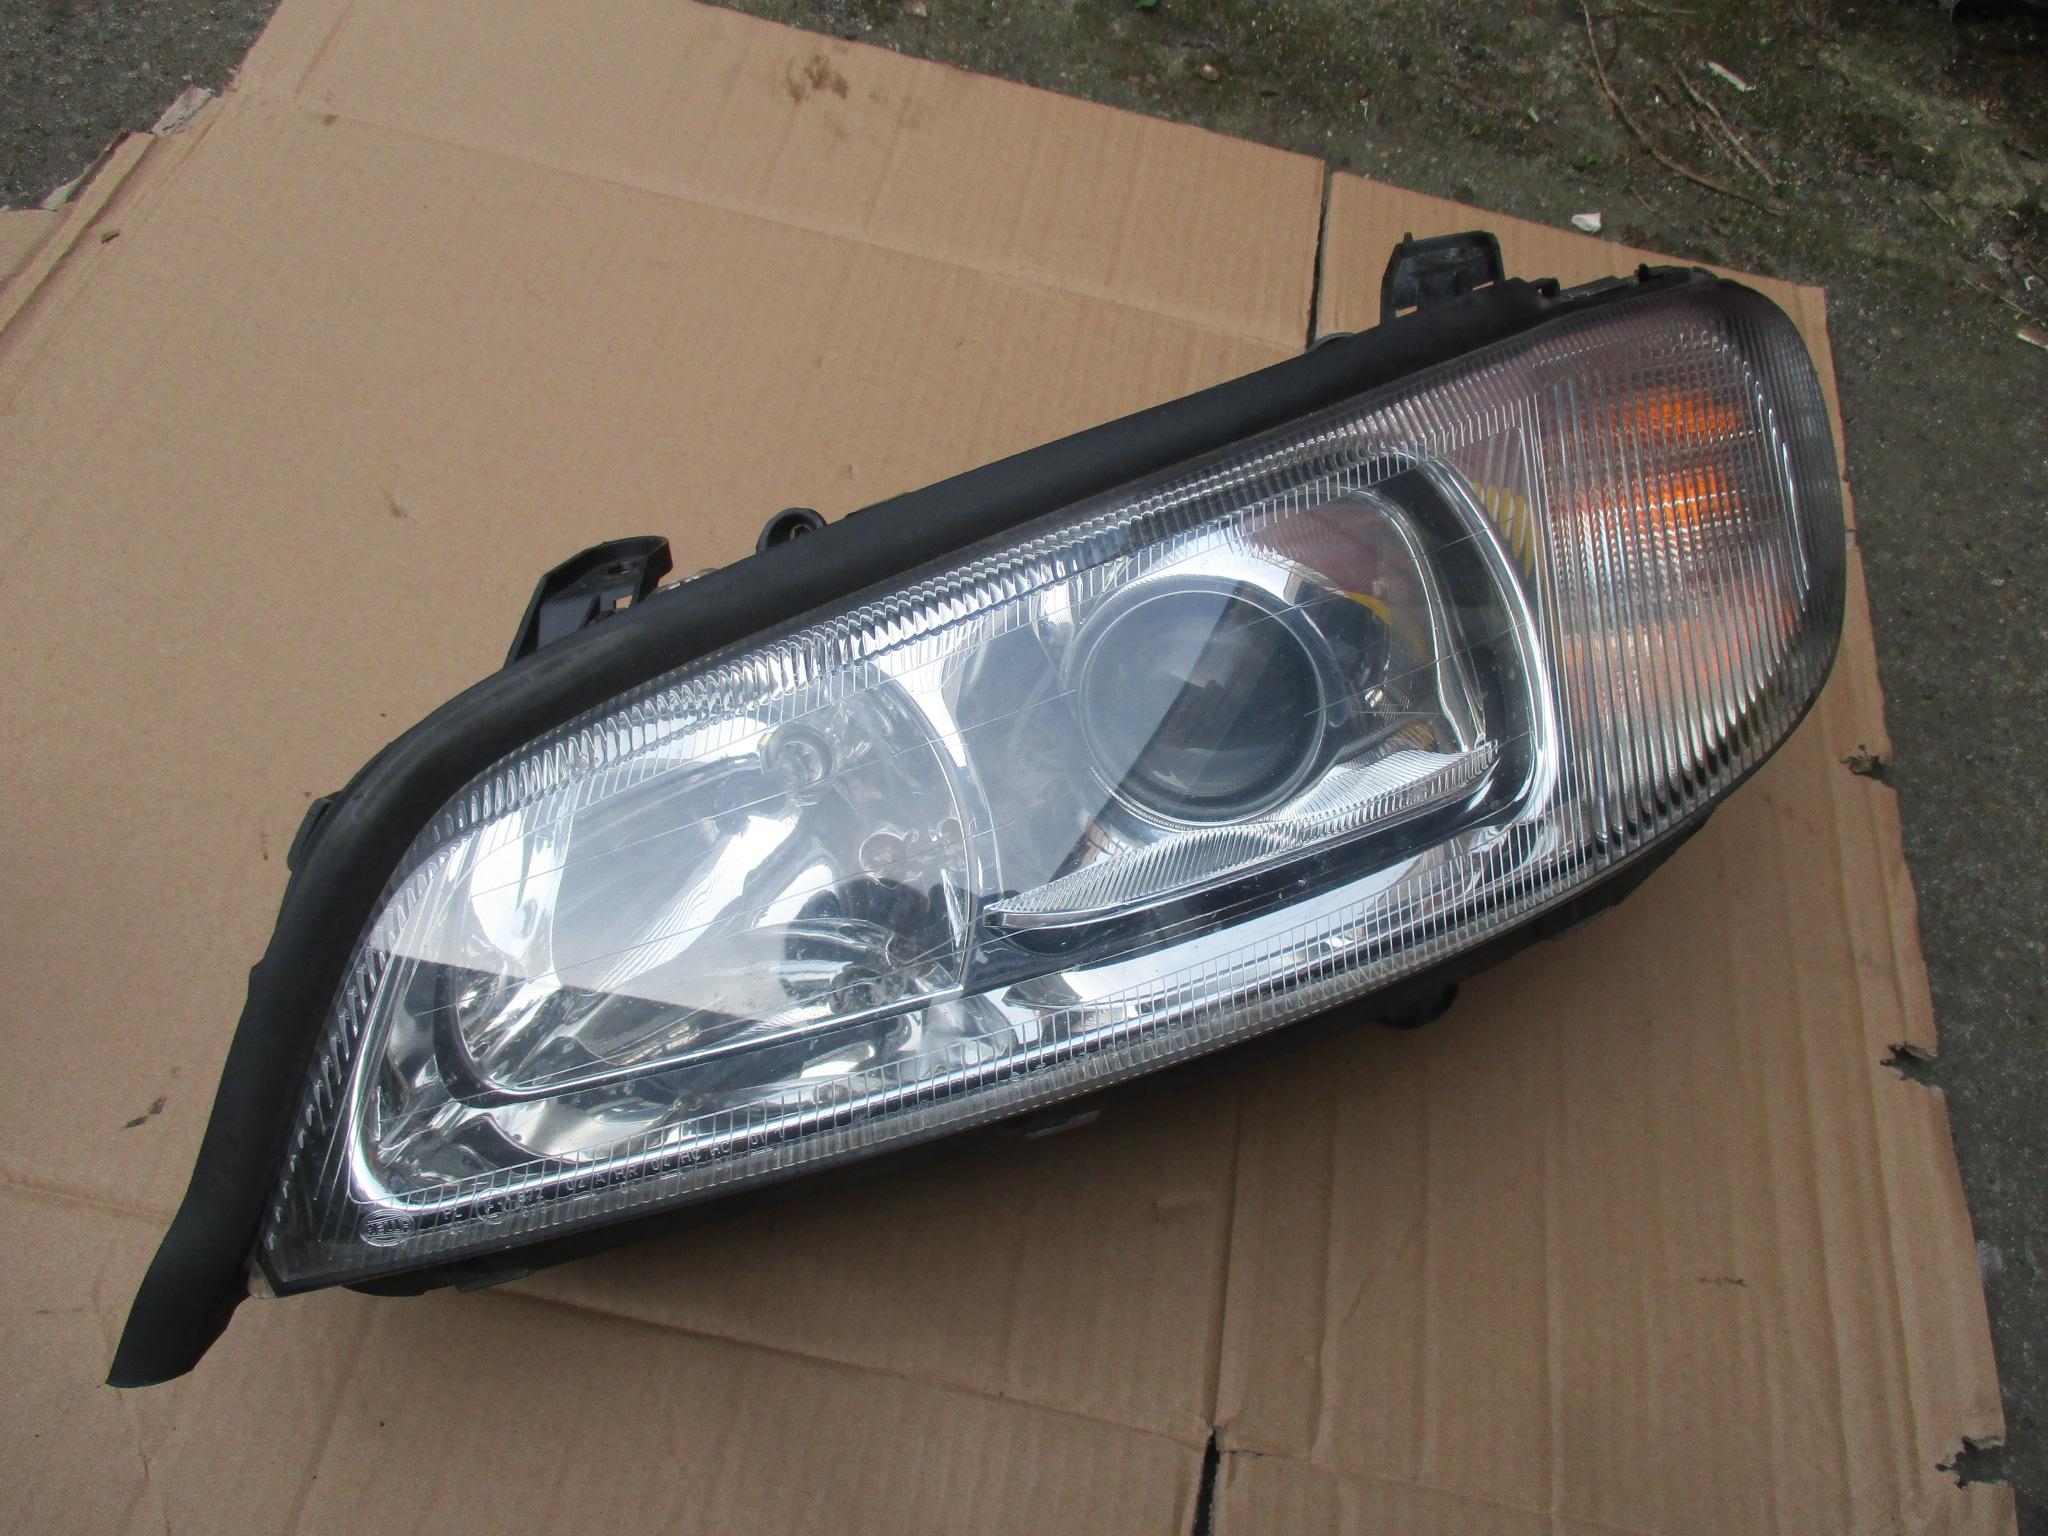 Lampa Przód Opel Omega B Fl Lewa Europa 7430532411